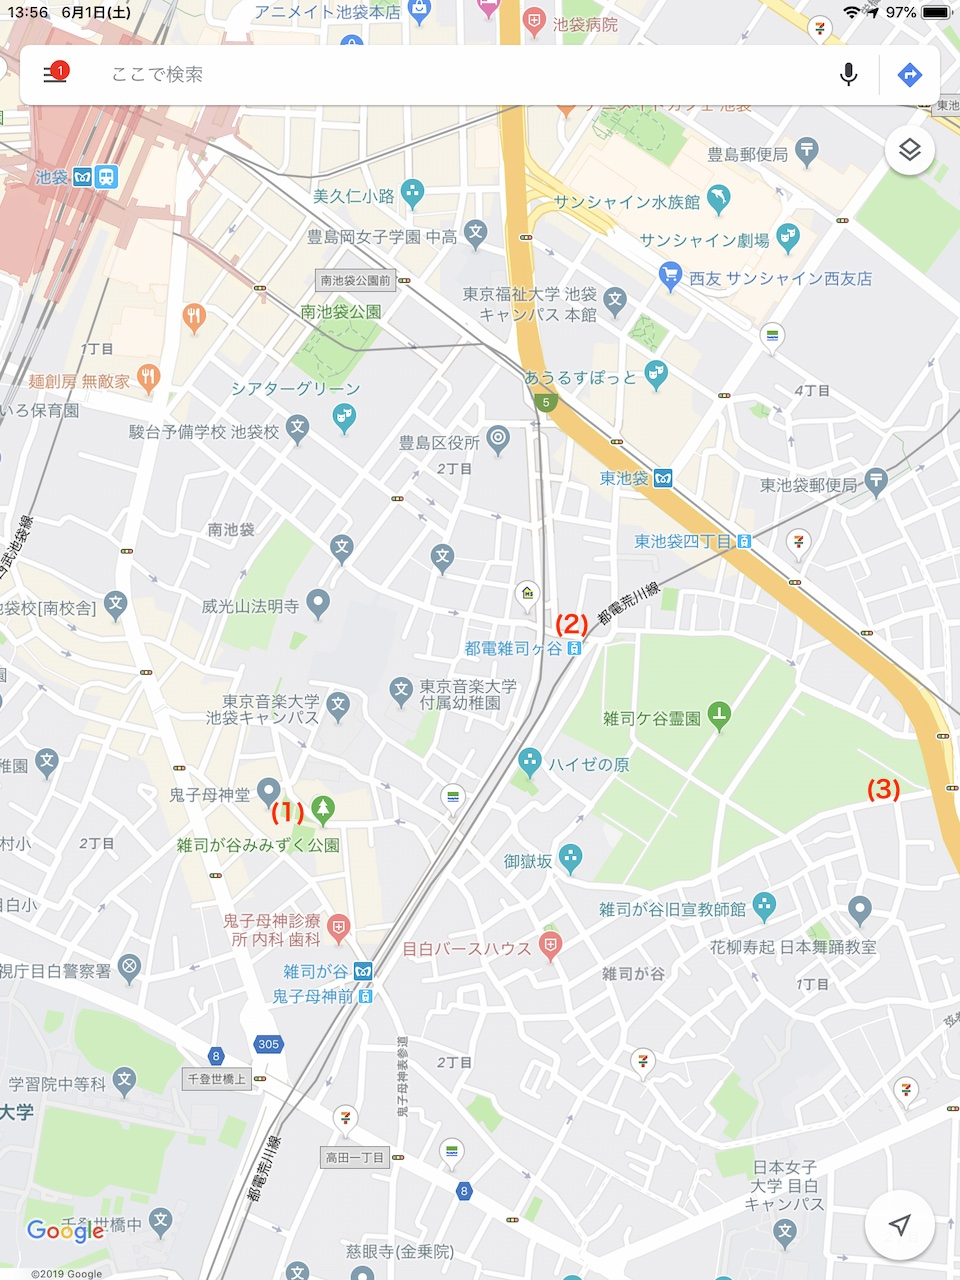 シュタインズゲート聖地巡礼マップ(雑司が谷)の画像